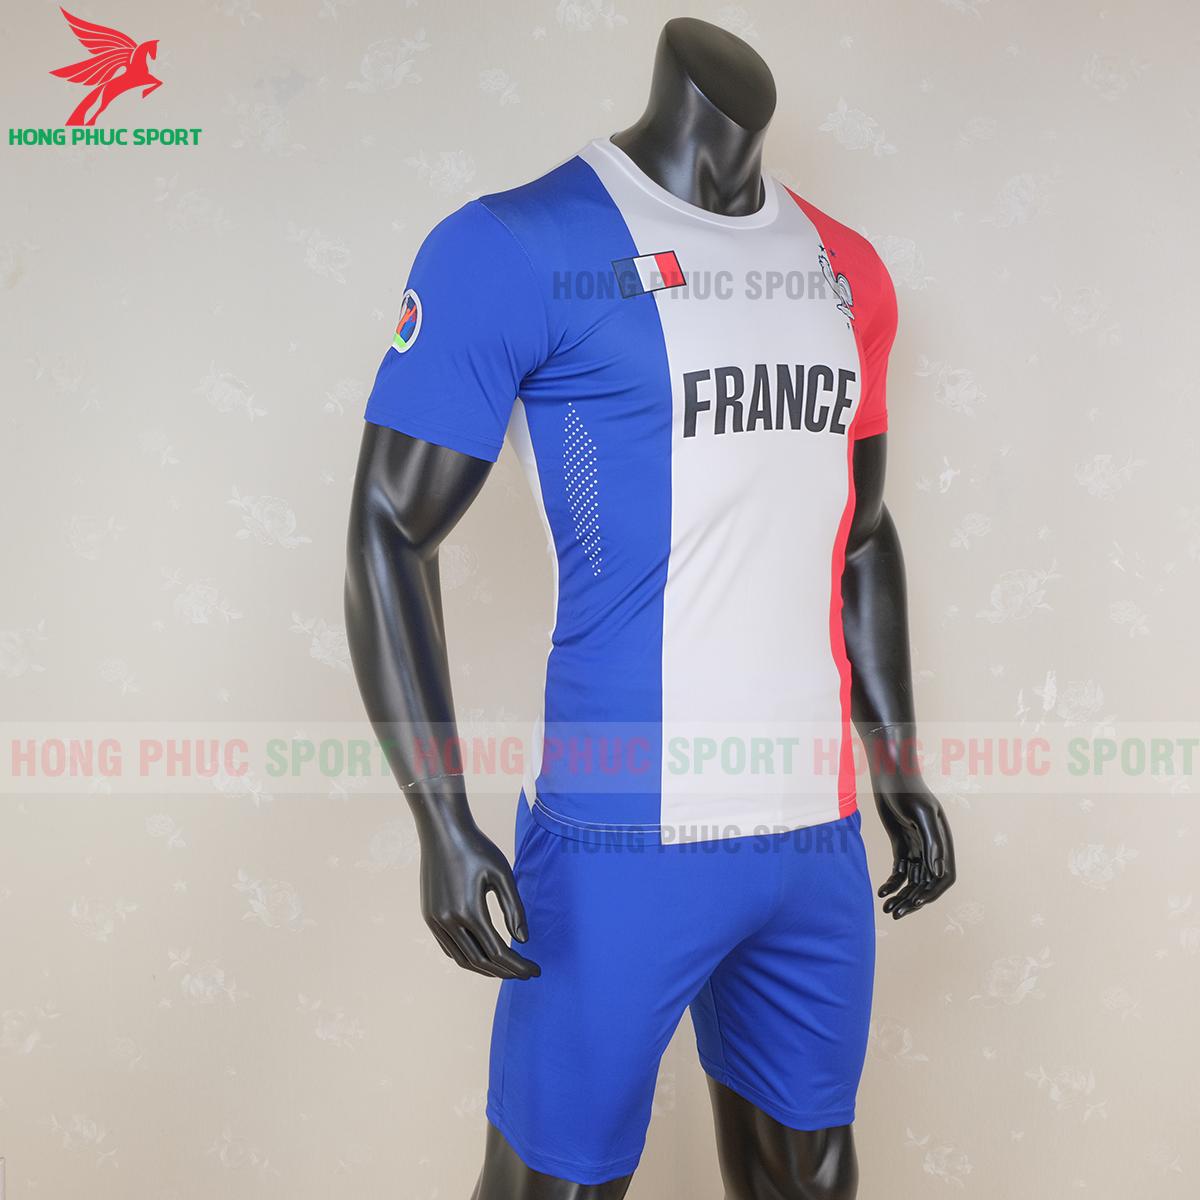 Áo đấu tuyển Pháp 2020 phiên bản Fan 2 (phải)